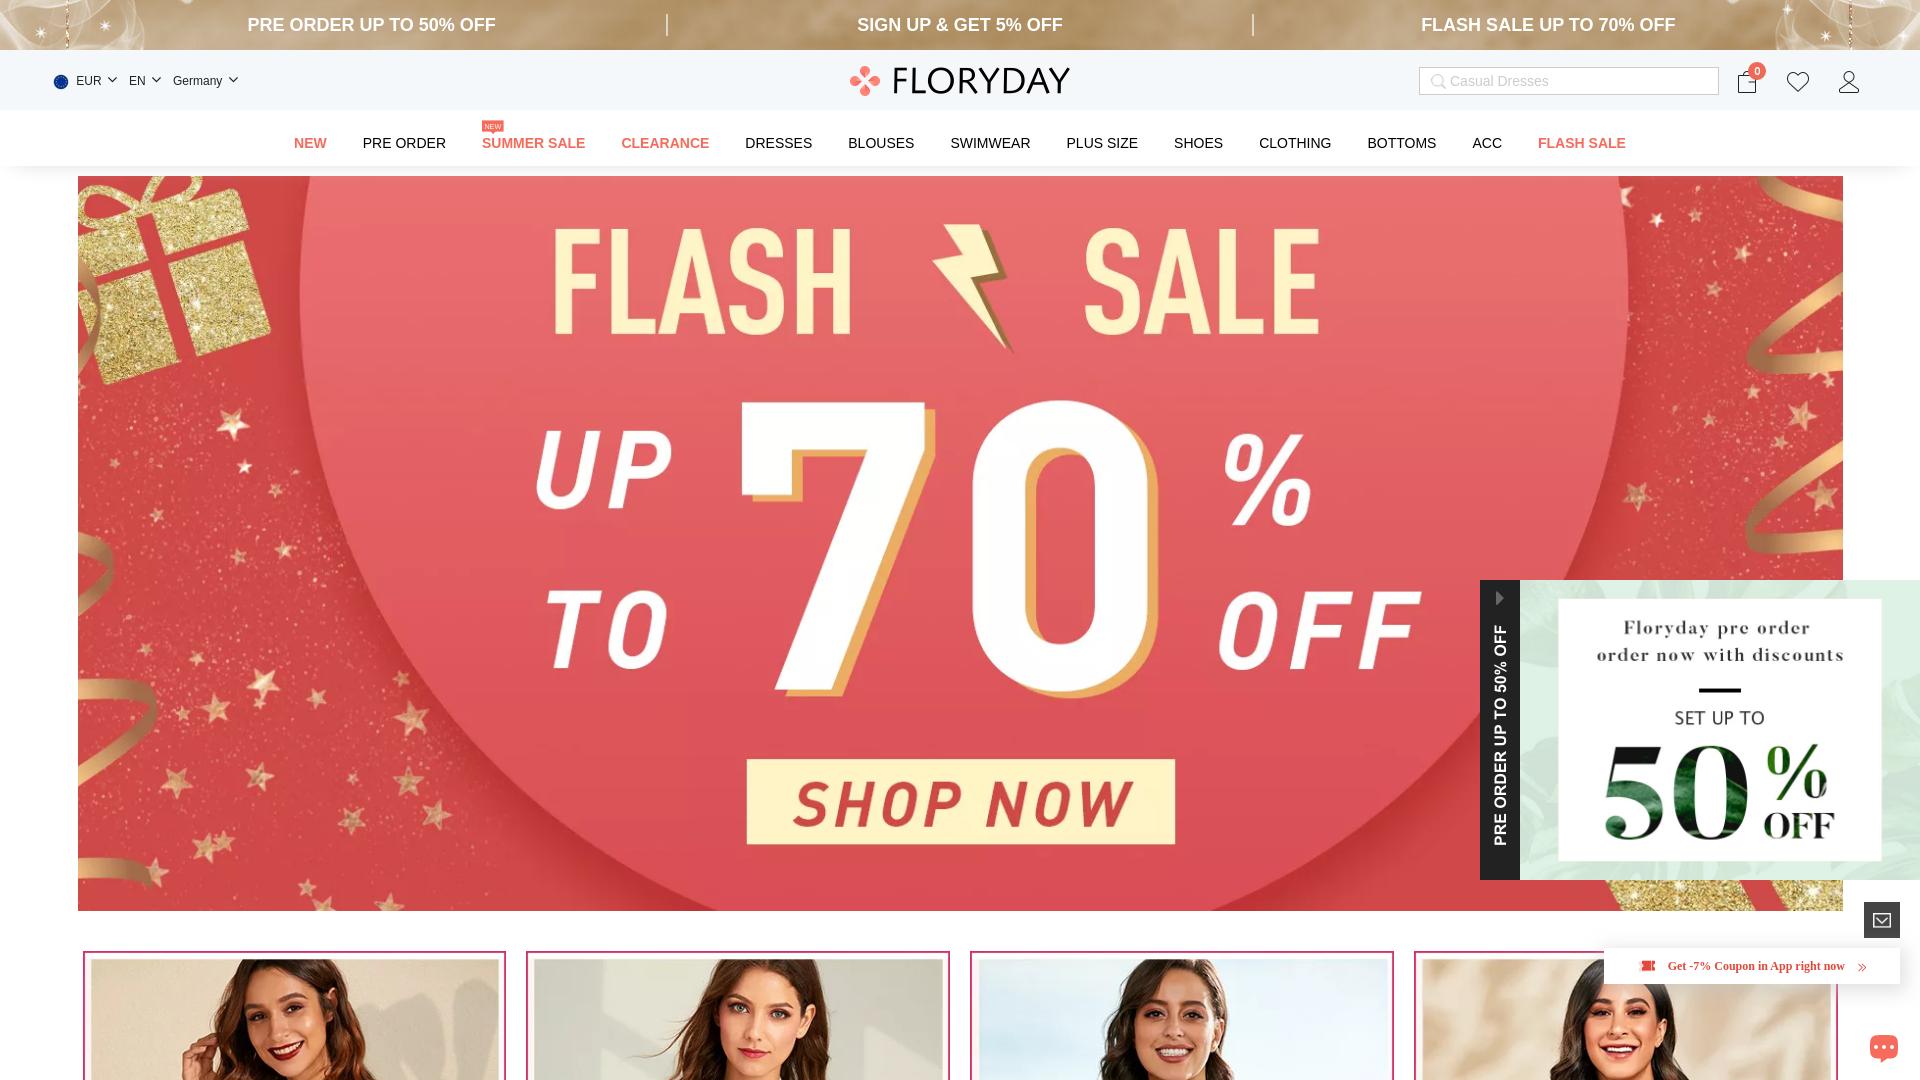 Floryday website